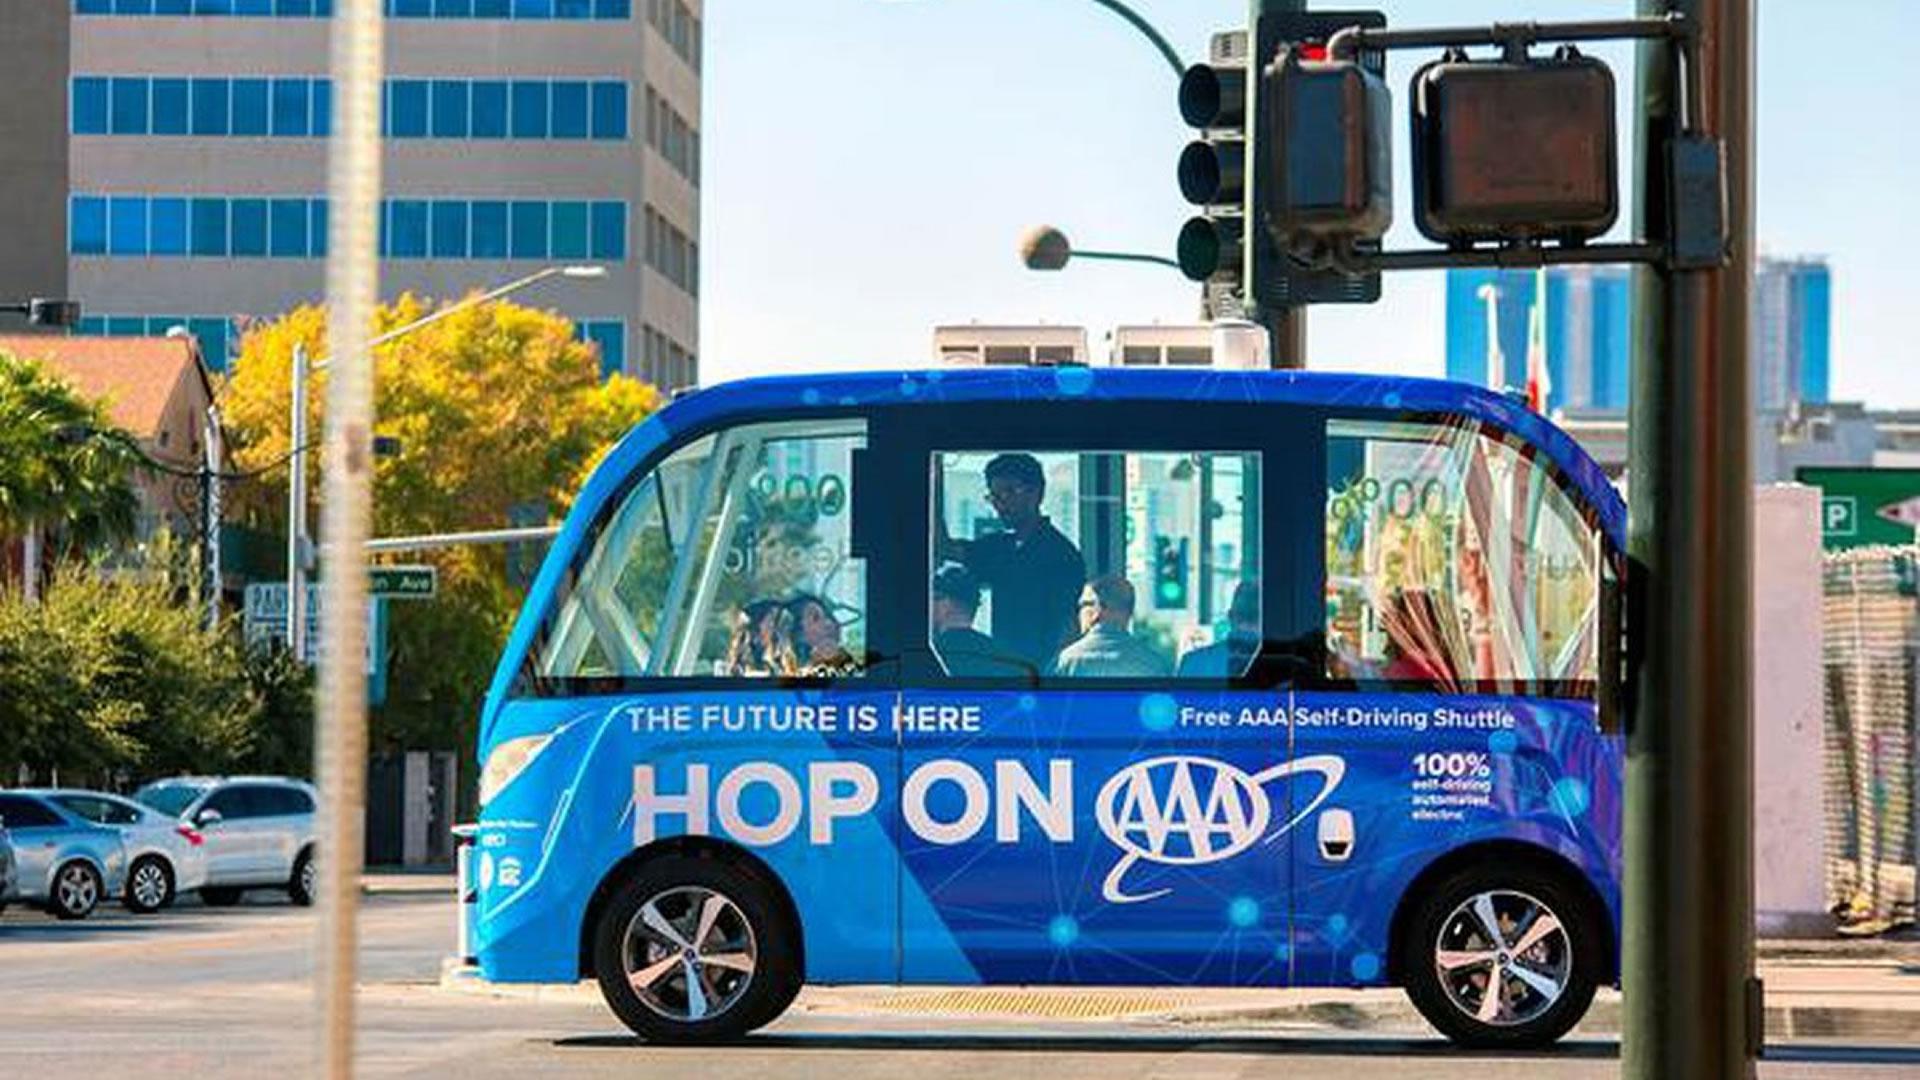 Podemos movernos en Las Vegas en un minibús que se conduce solo